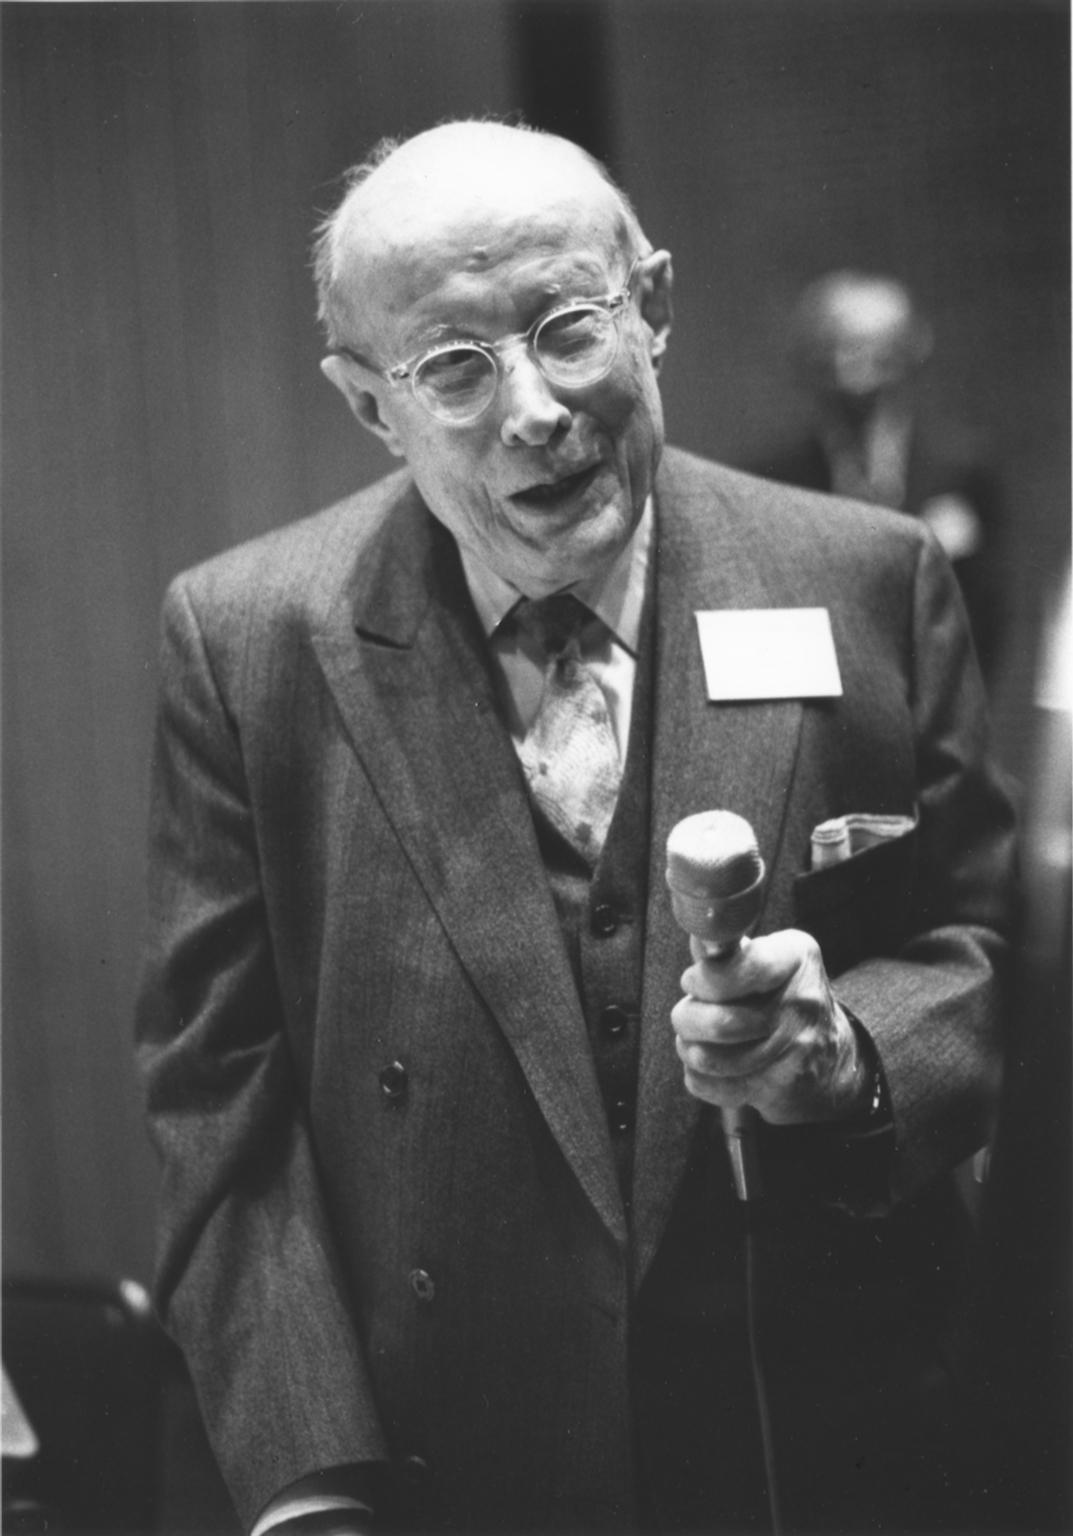 Dr. Albert Chapman